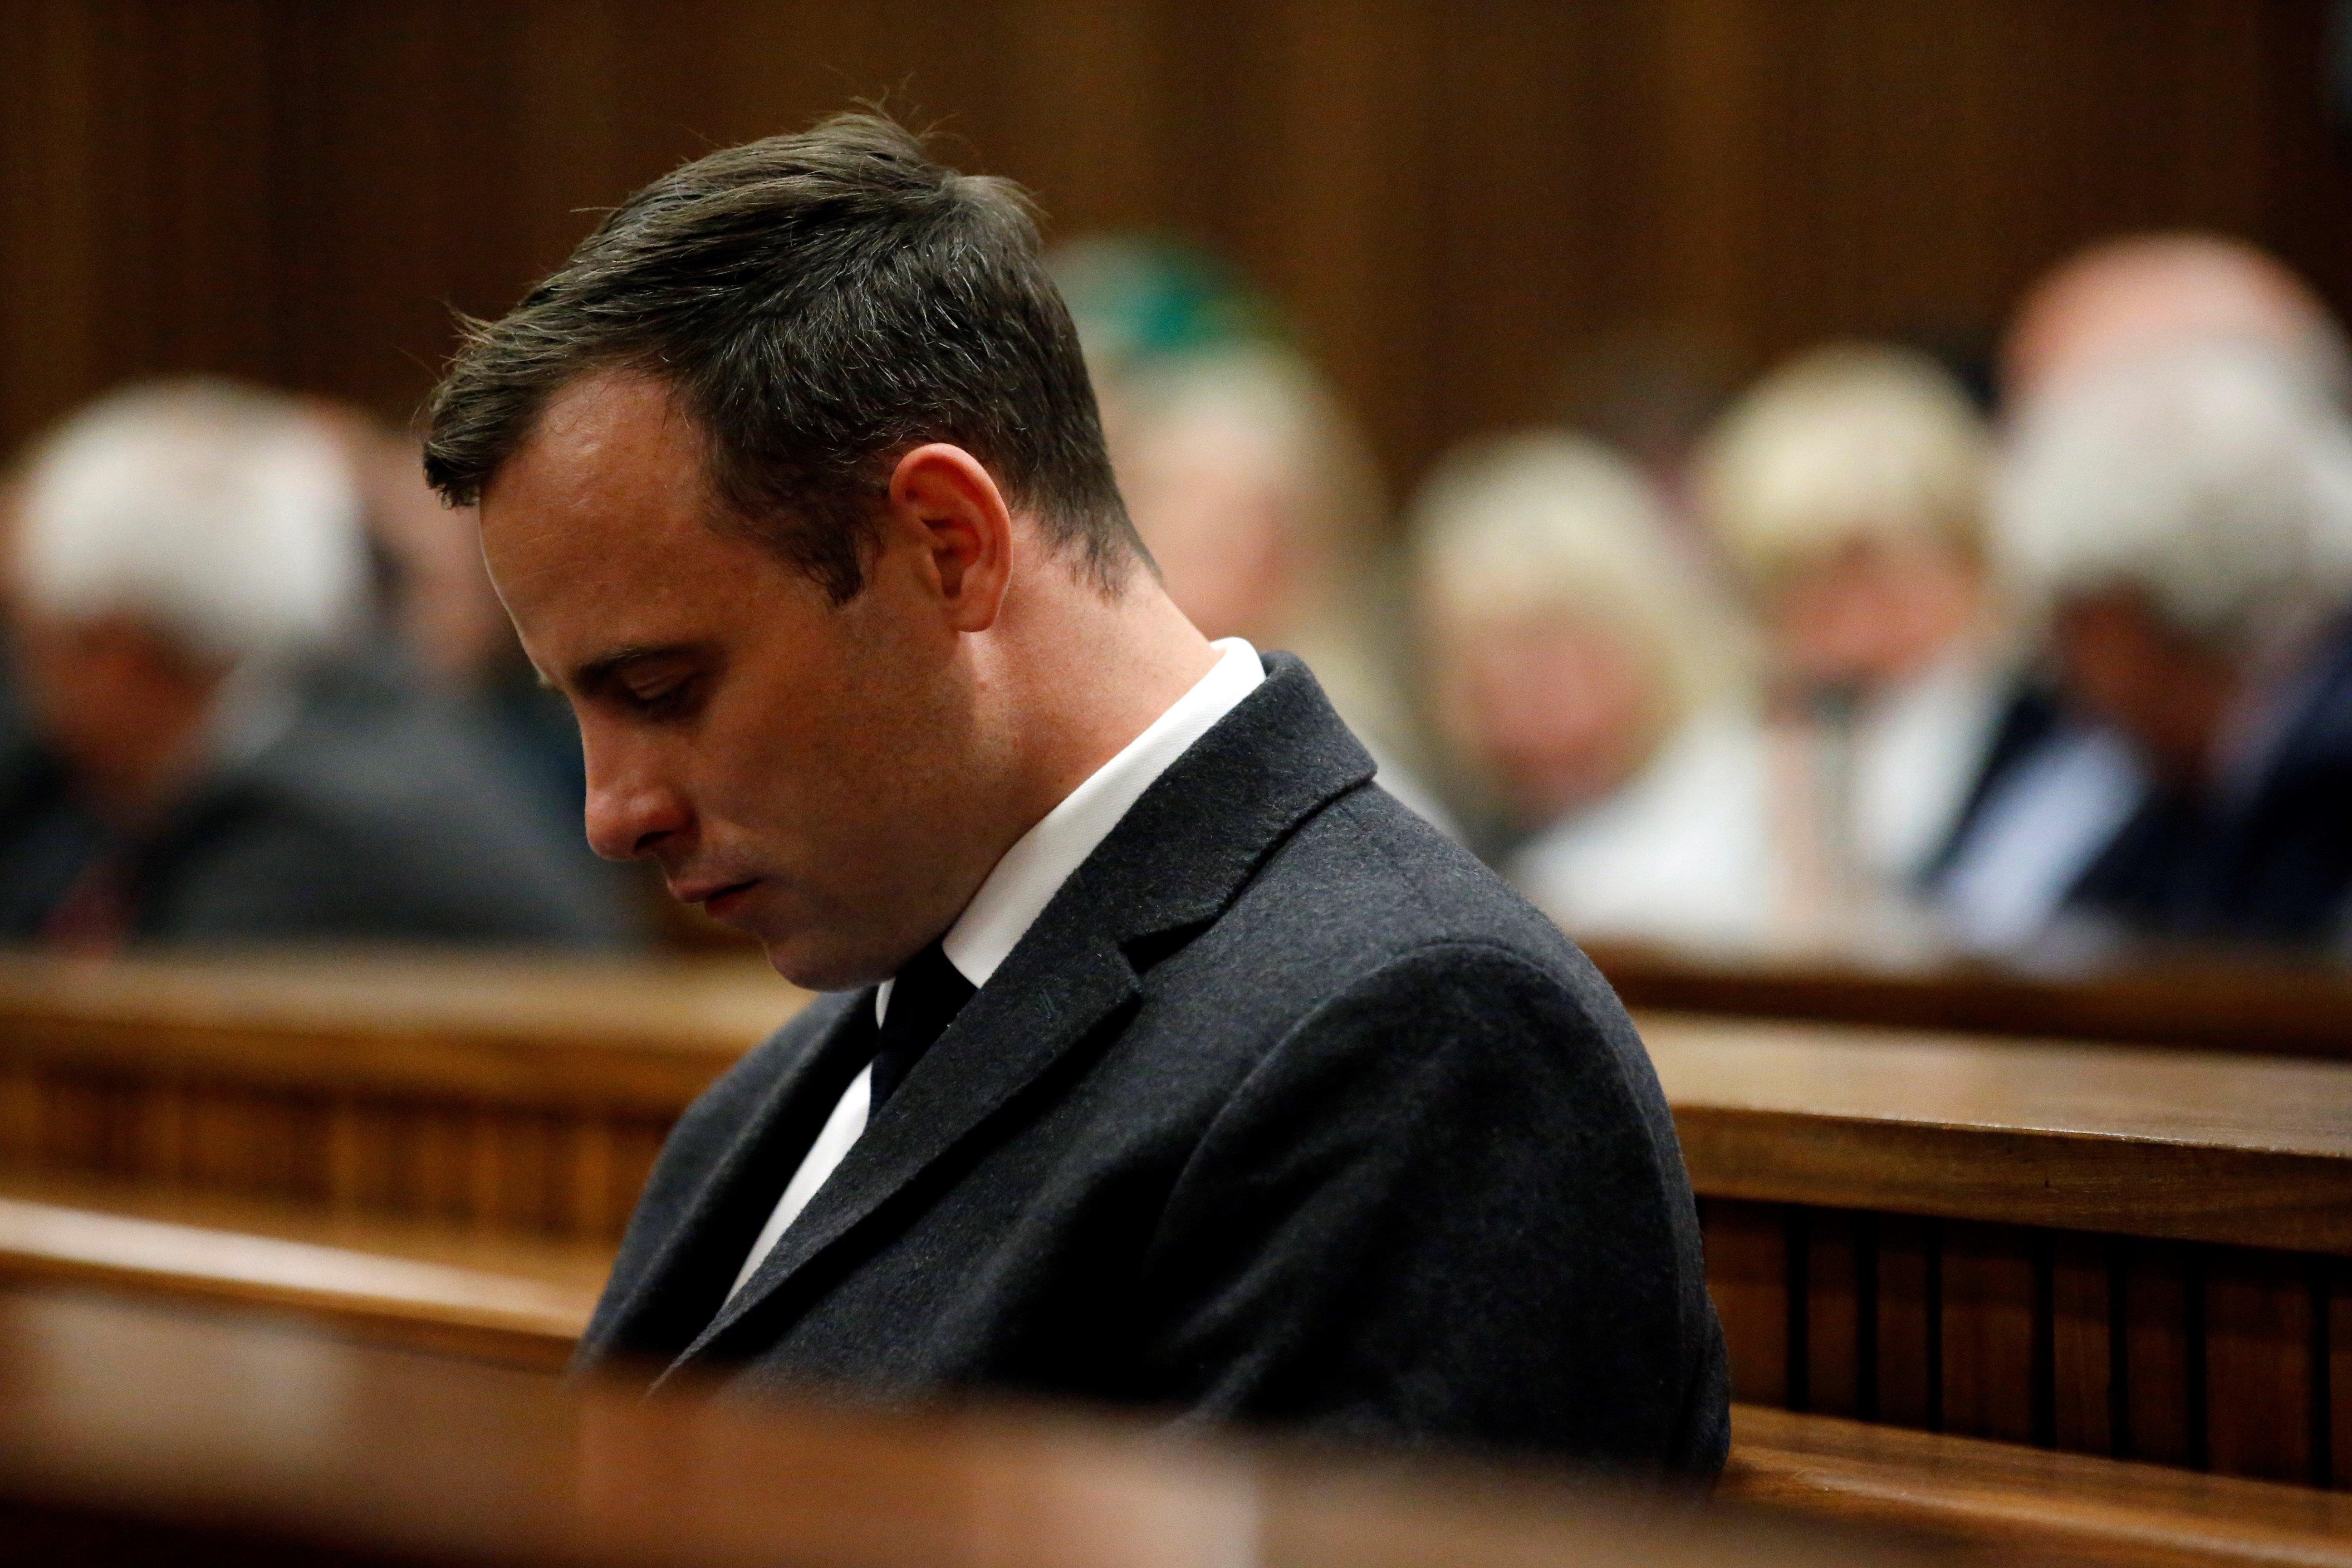 La Justícia eleva a 13 anys la condemna contra Pistorius per assassinar la seva parella. /MARCO LONGARI/POOL